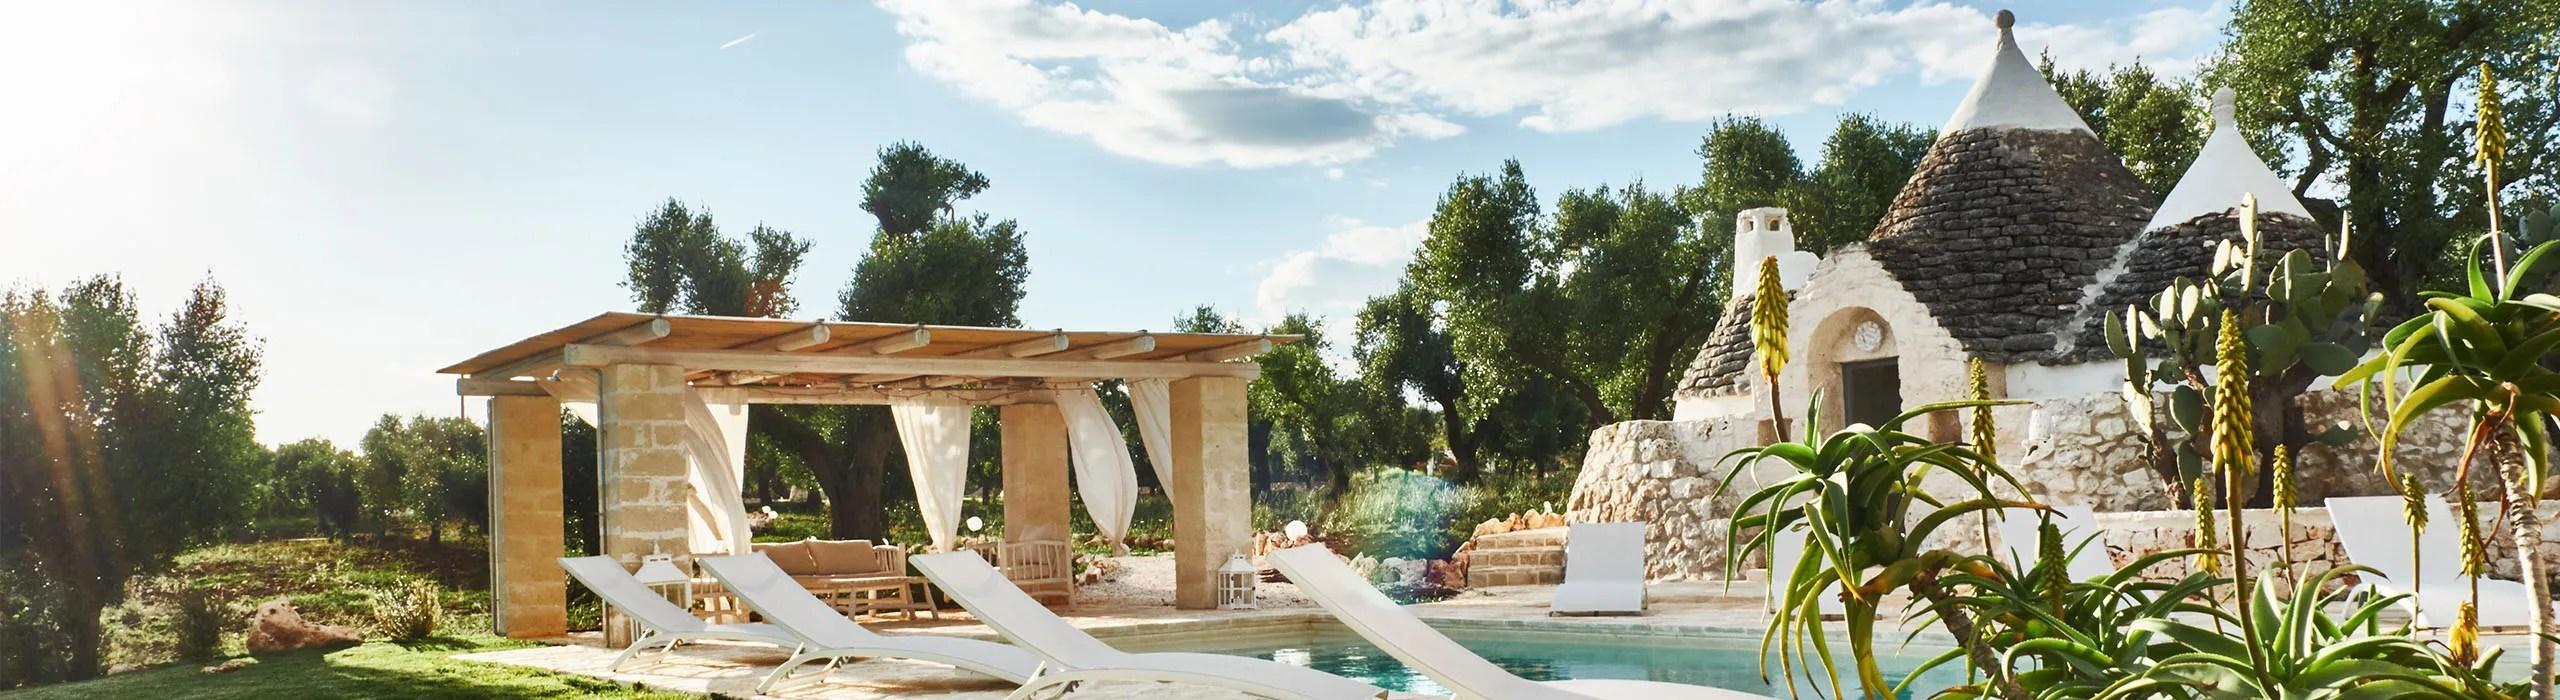 Trullo Elaion luxury stay Puglia